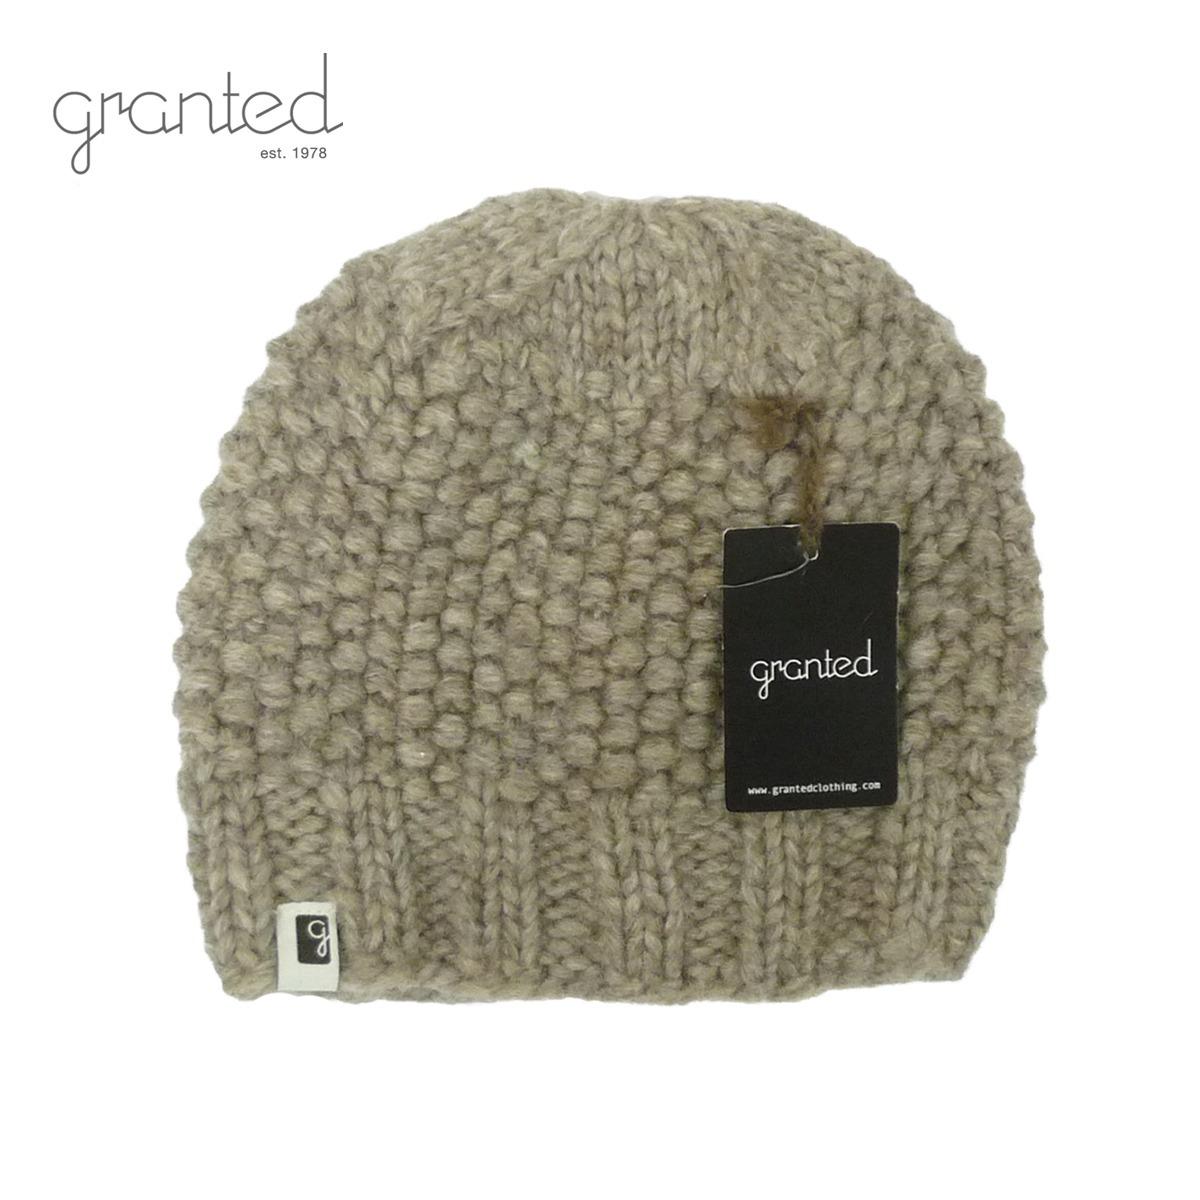 GRANTED グランテッド KNIT CAP PEBBLE TOQUE HAT メンズ/レディース グレー FREE[ニット帽 ウールキャップ キャップ 帽子 無地 ウール ニット カナダ製 ブランド アメカジ アウトドア 灰色]